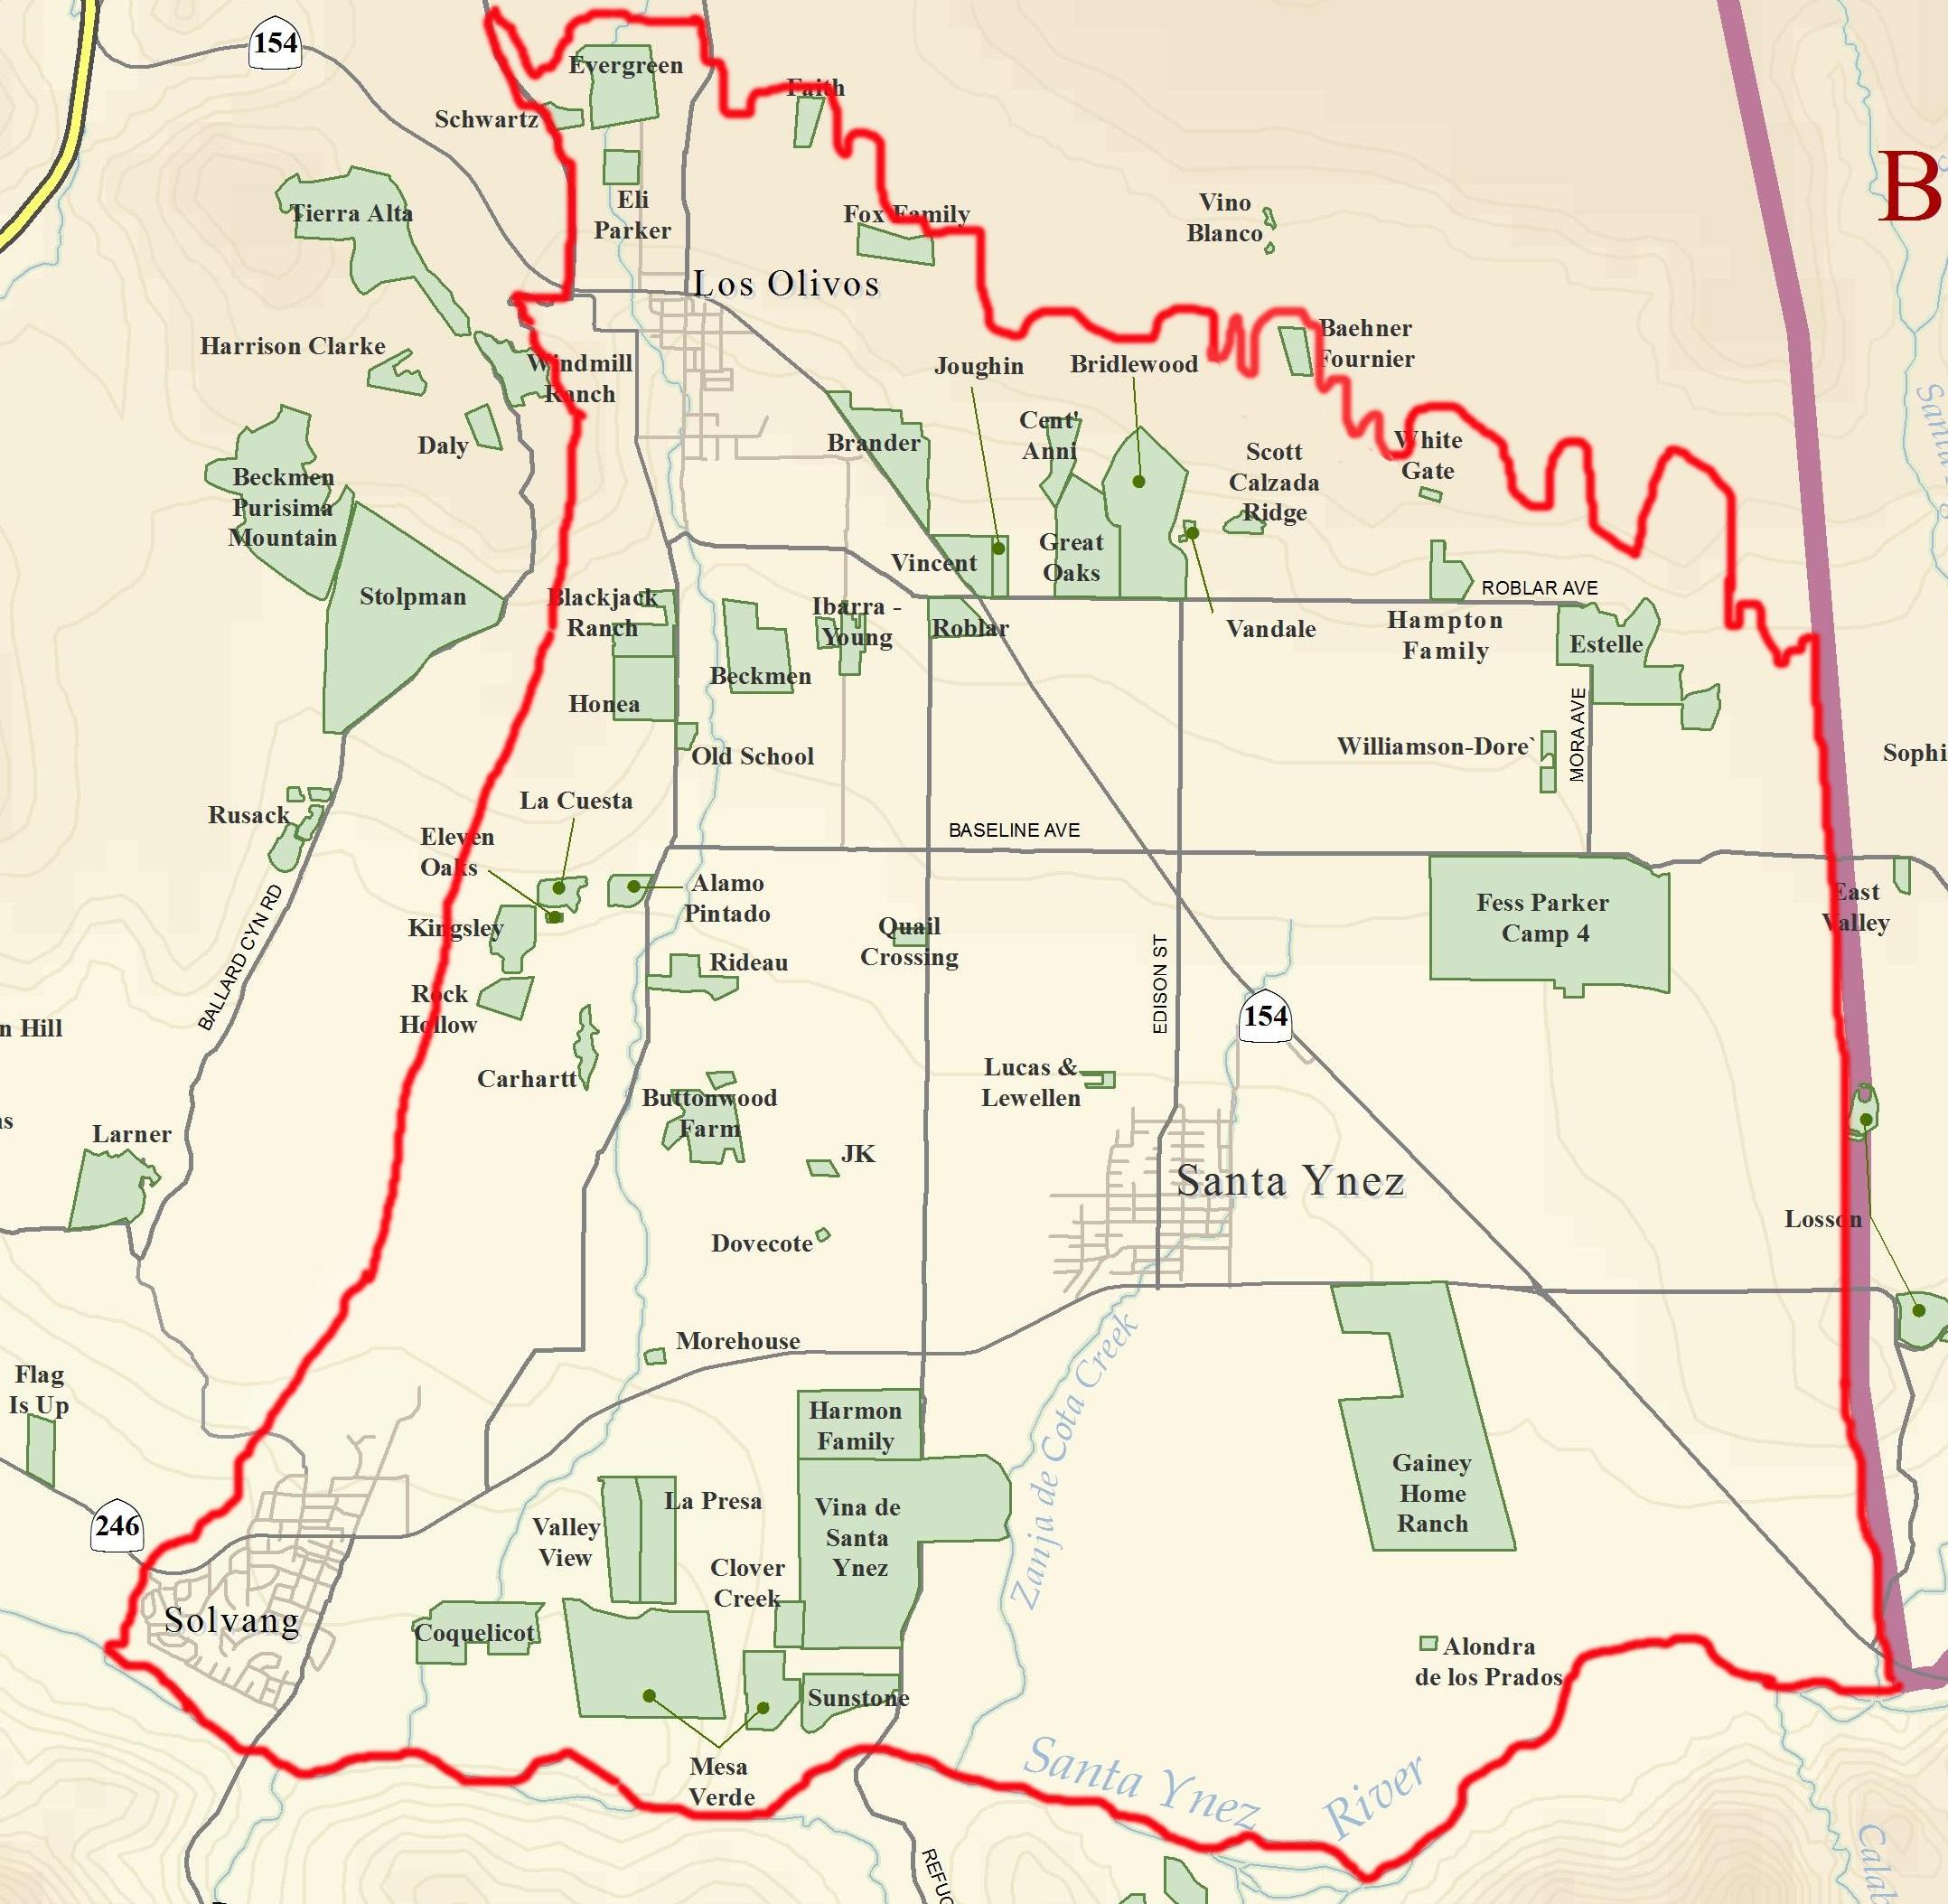 los-olivos-map-ava Santa Ynez Winery Map on new hampshire winery map, healdsburg ca winery map, north georgia winery map, woodinville winery map, el dorado county winery map, missouri winery map, san ynez winery map, monterey winery map, ohio winery map, willamette valley winery map, los olivos wine map, solvang wine map, ramona winery map, southern arizona winery map, buellton winery map, paso robles winery map, healdsburg area winery map, san luis obispo winery map, ojai winery map, central coast winery map,